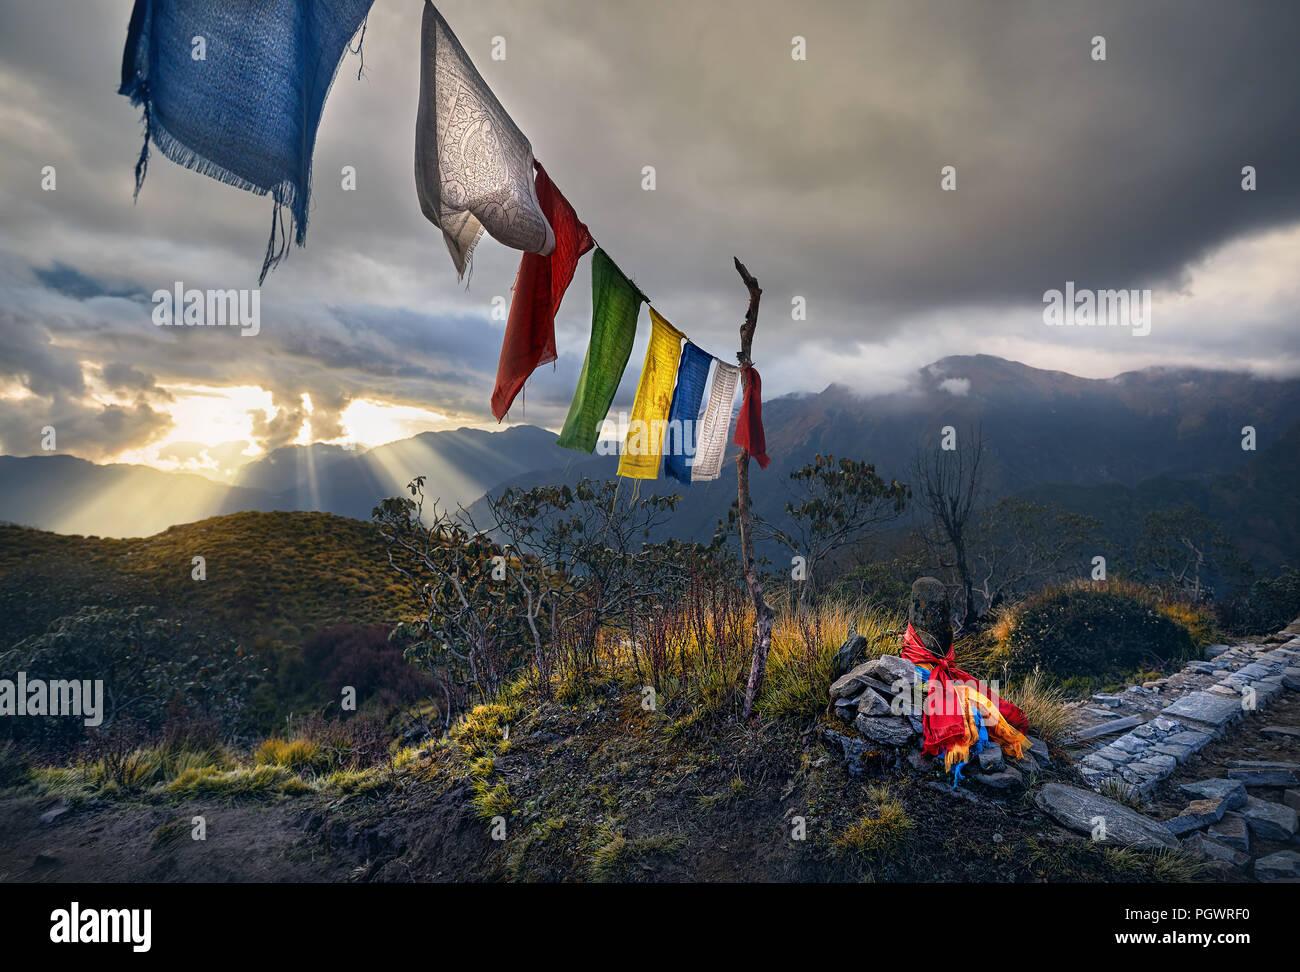 Pequeños montones de piedras y banderas de oración tibetano Lung Ta en el Mardi Himal Campamento Base al atardecer nublado picos de las montañas del Himalaya en Nepal Imagen De Stock